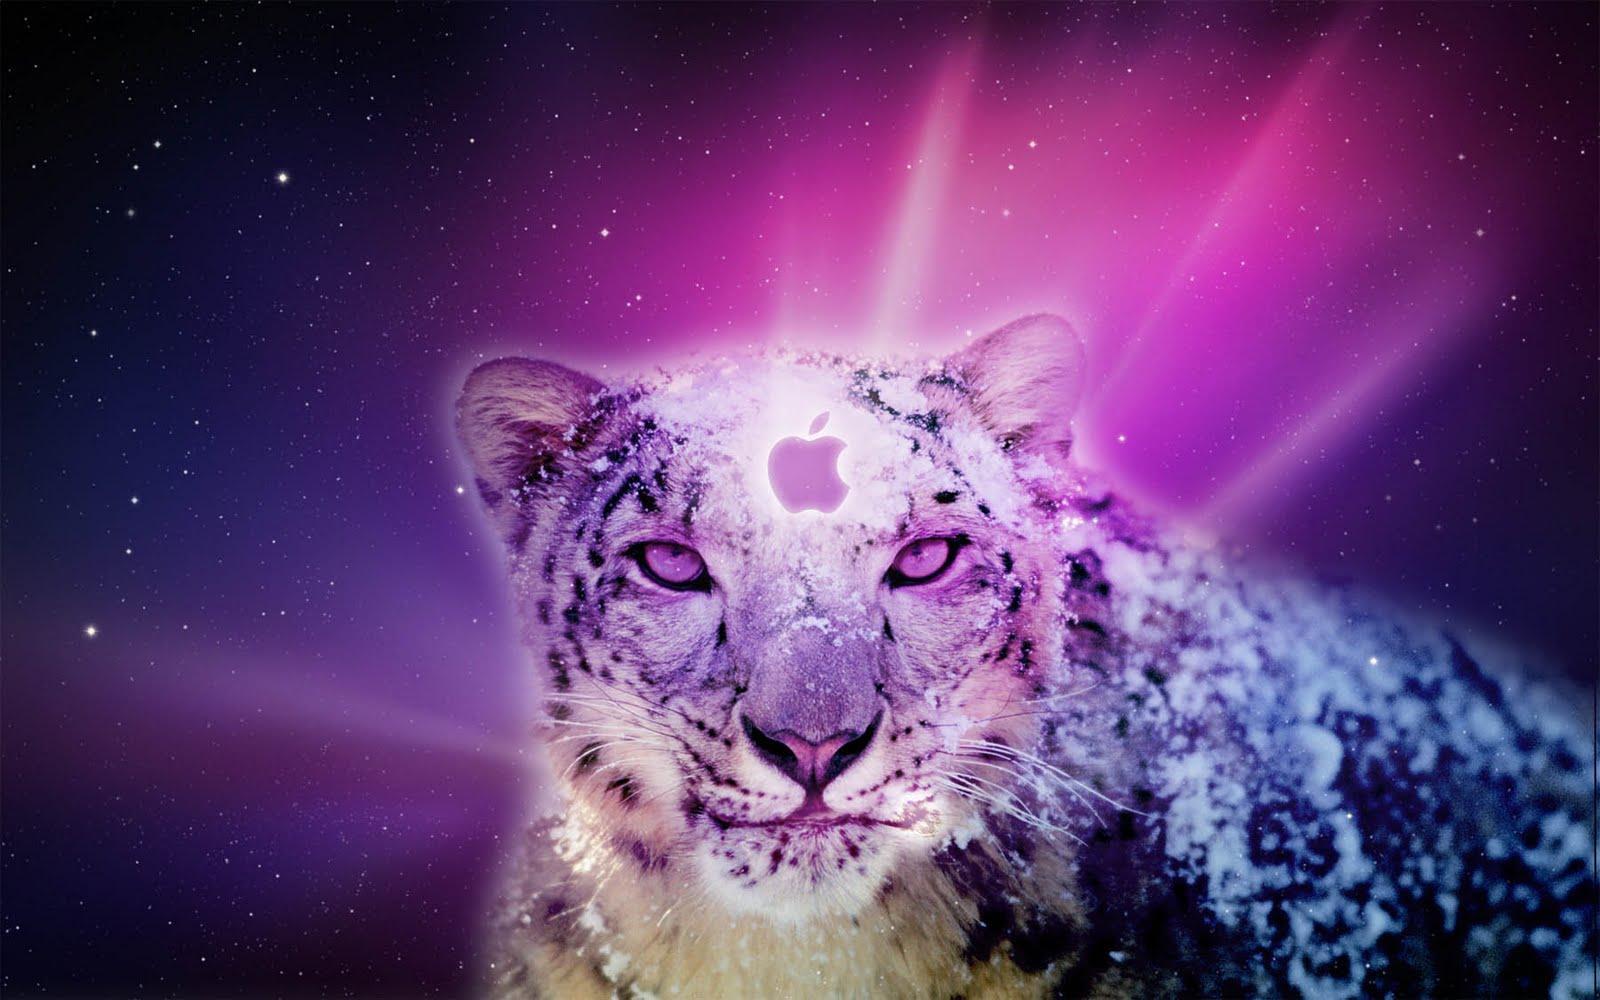 Mac snow leopard wallpaper hd